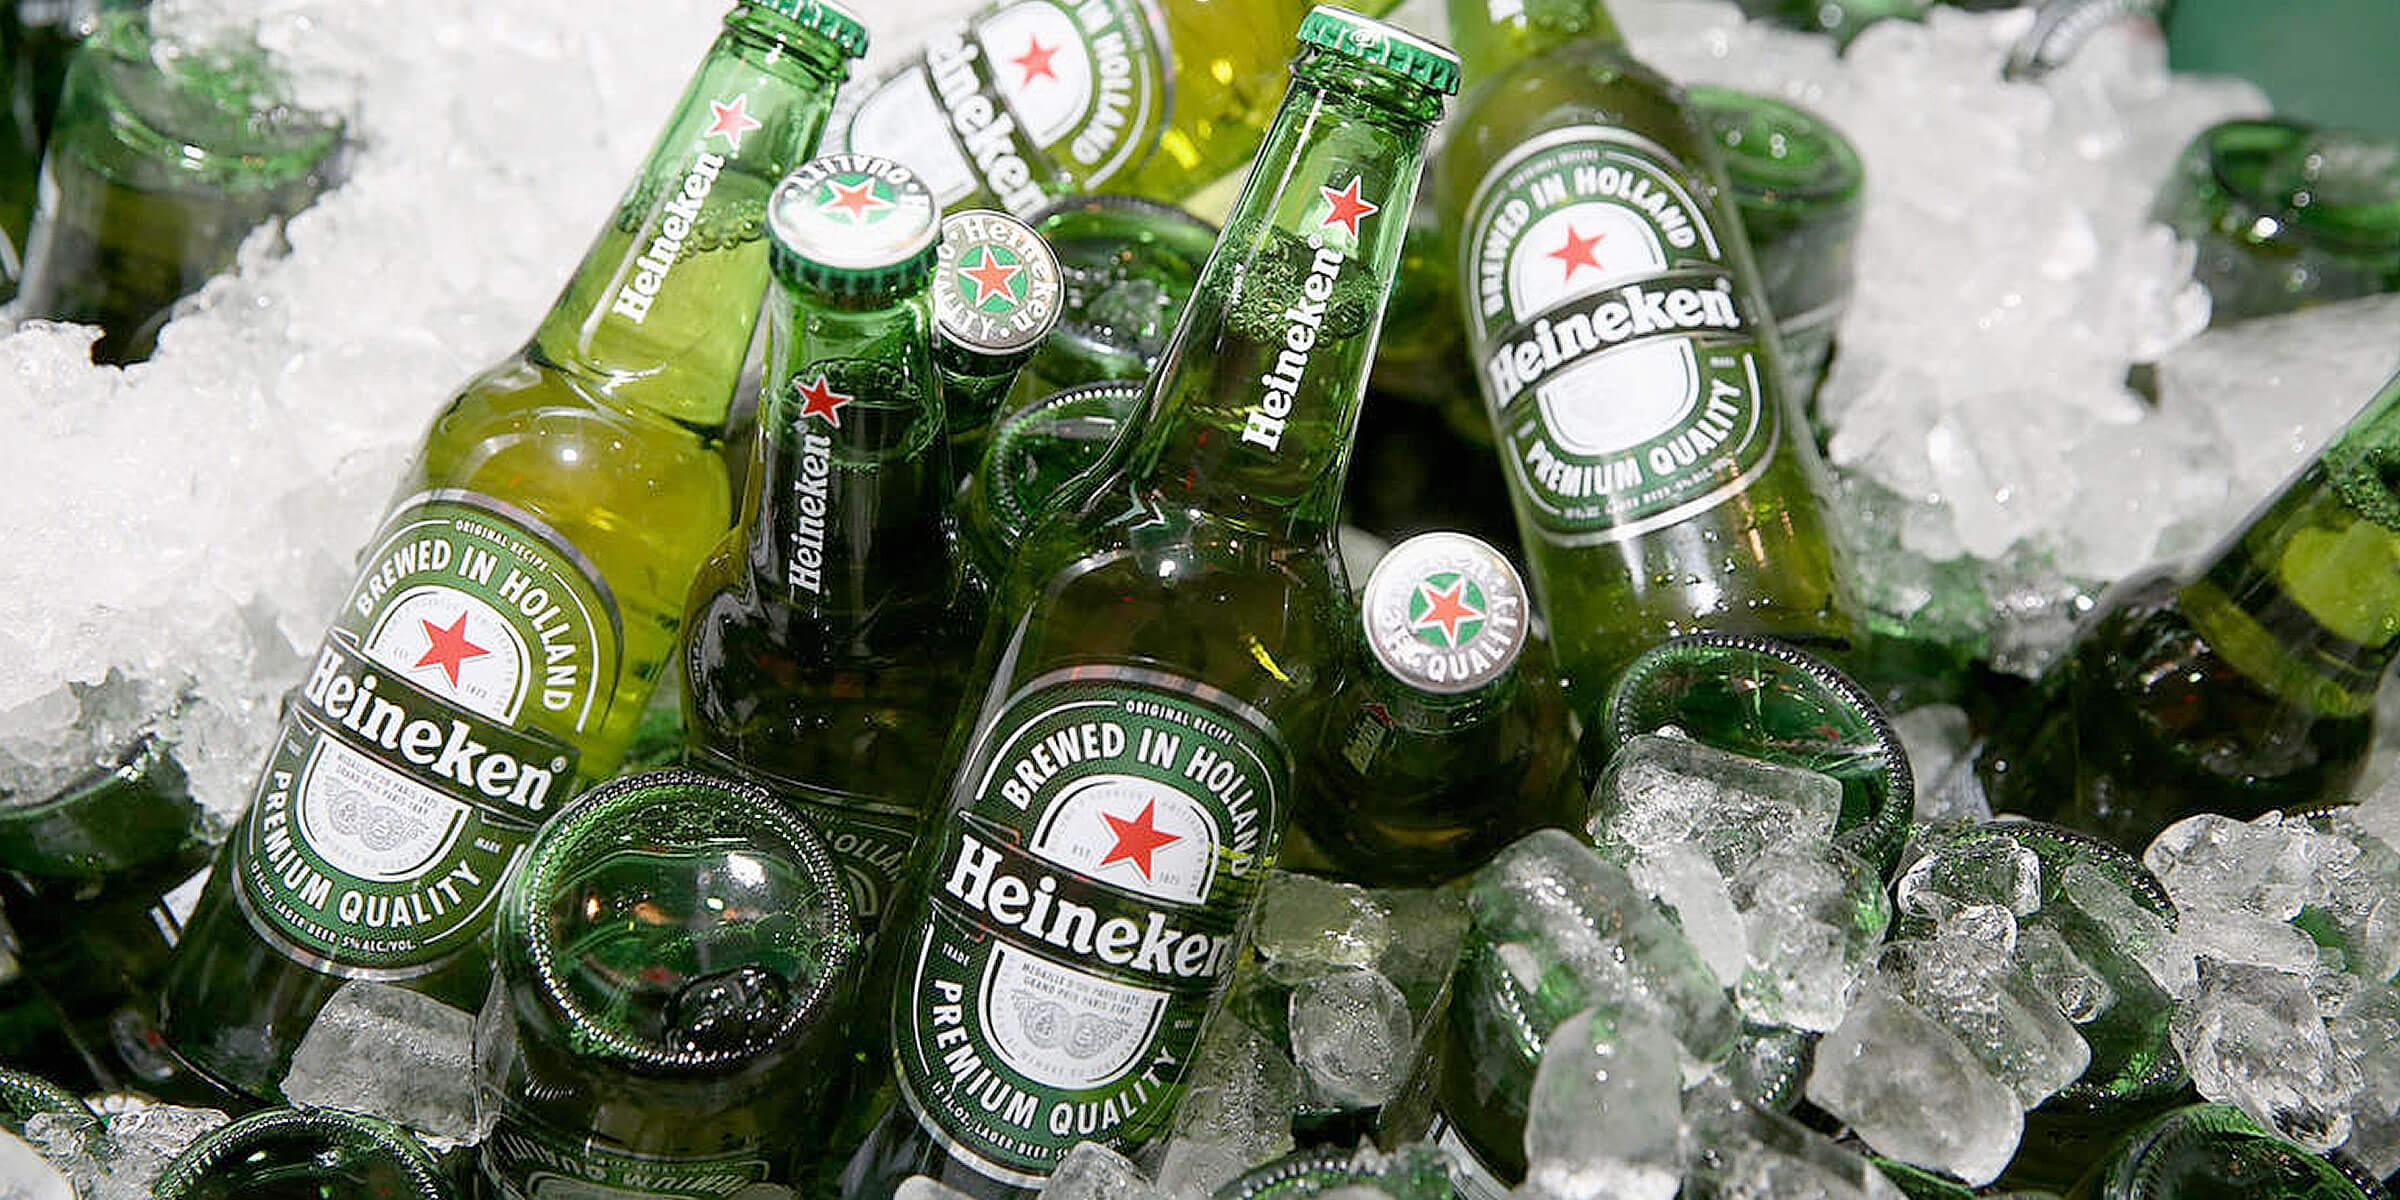 Bottles of Heineken lager by Heinken N.V. on ice